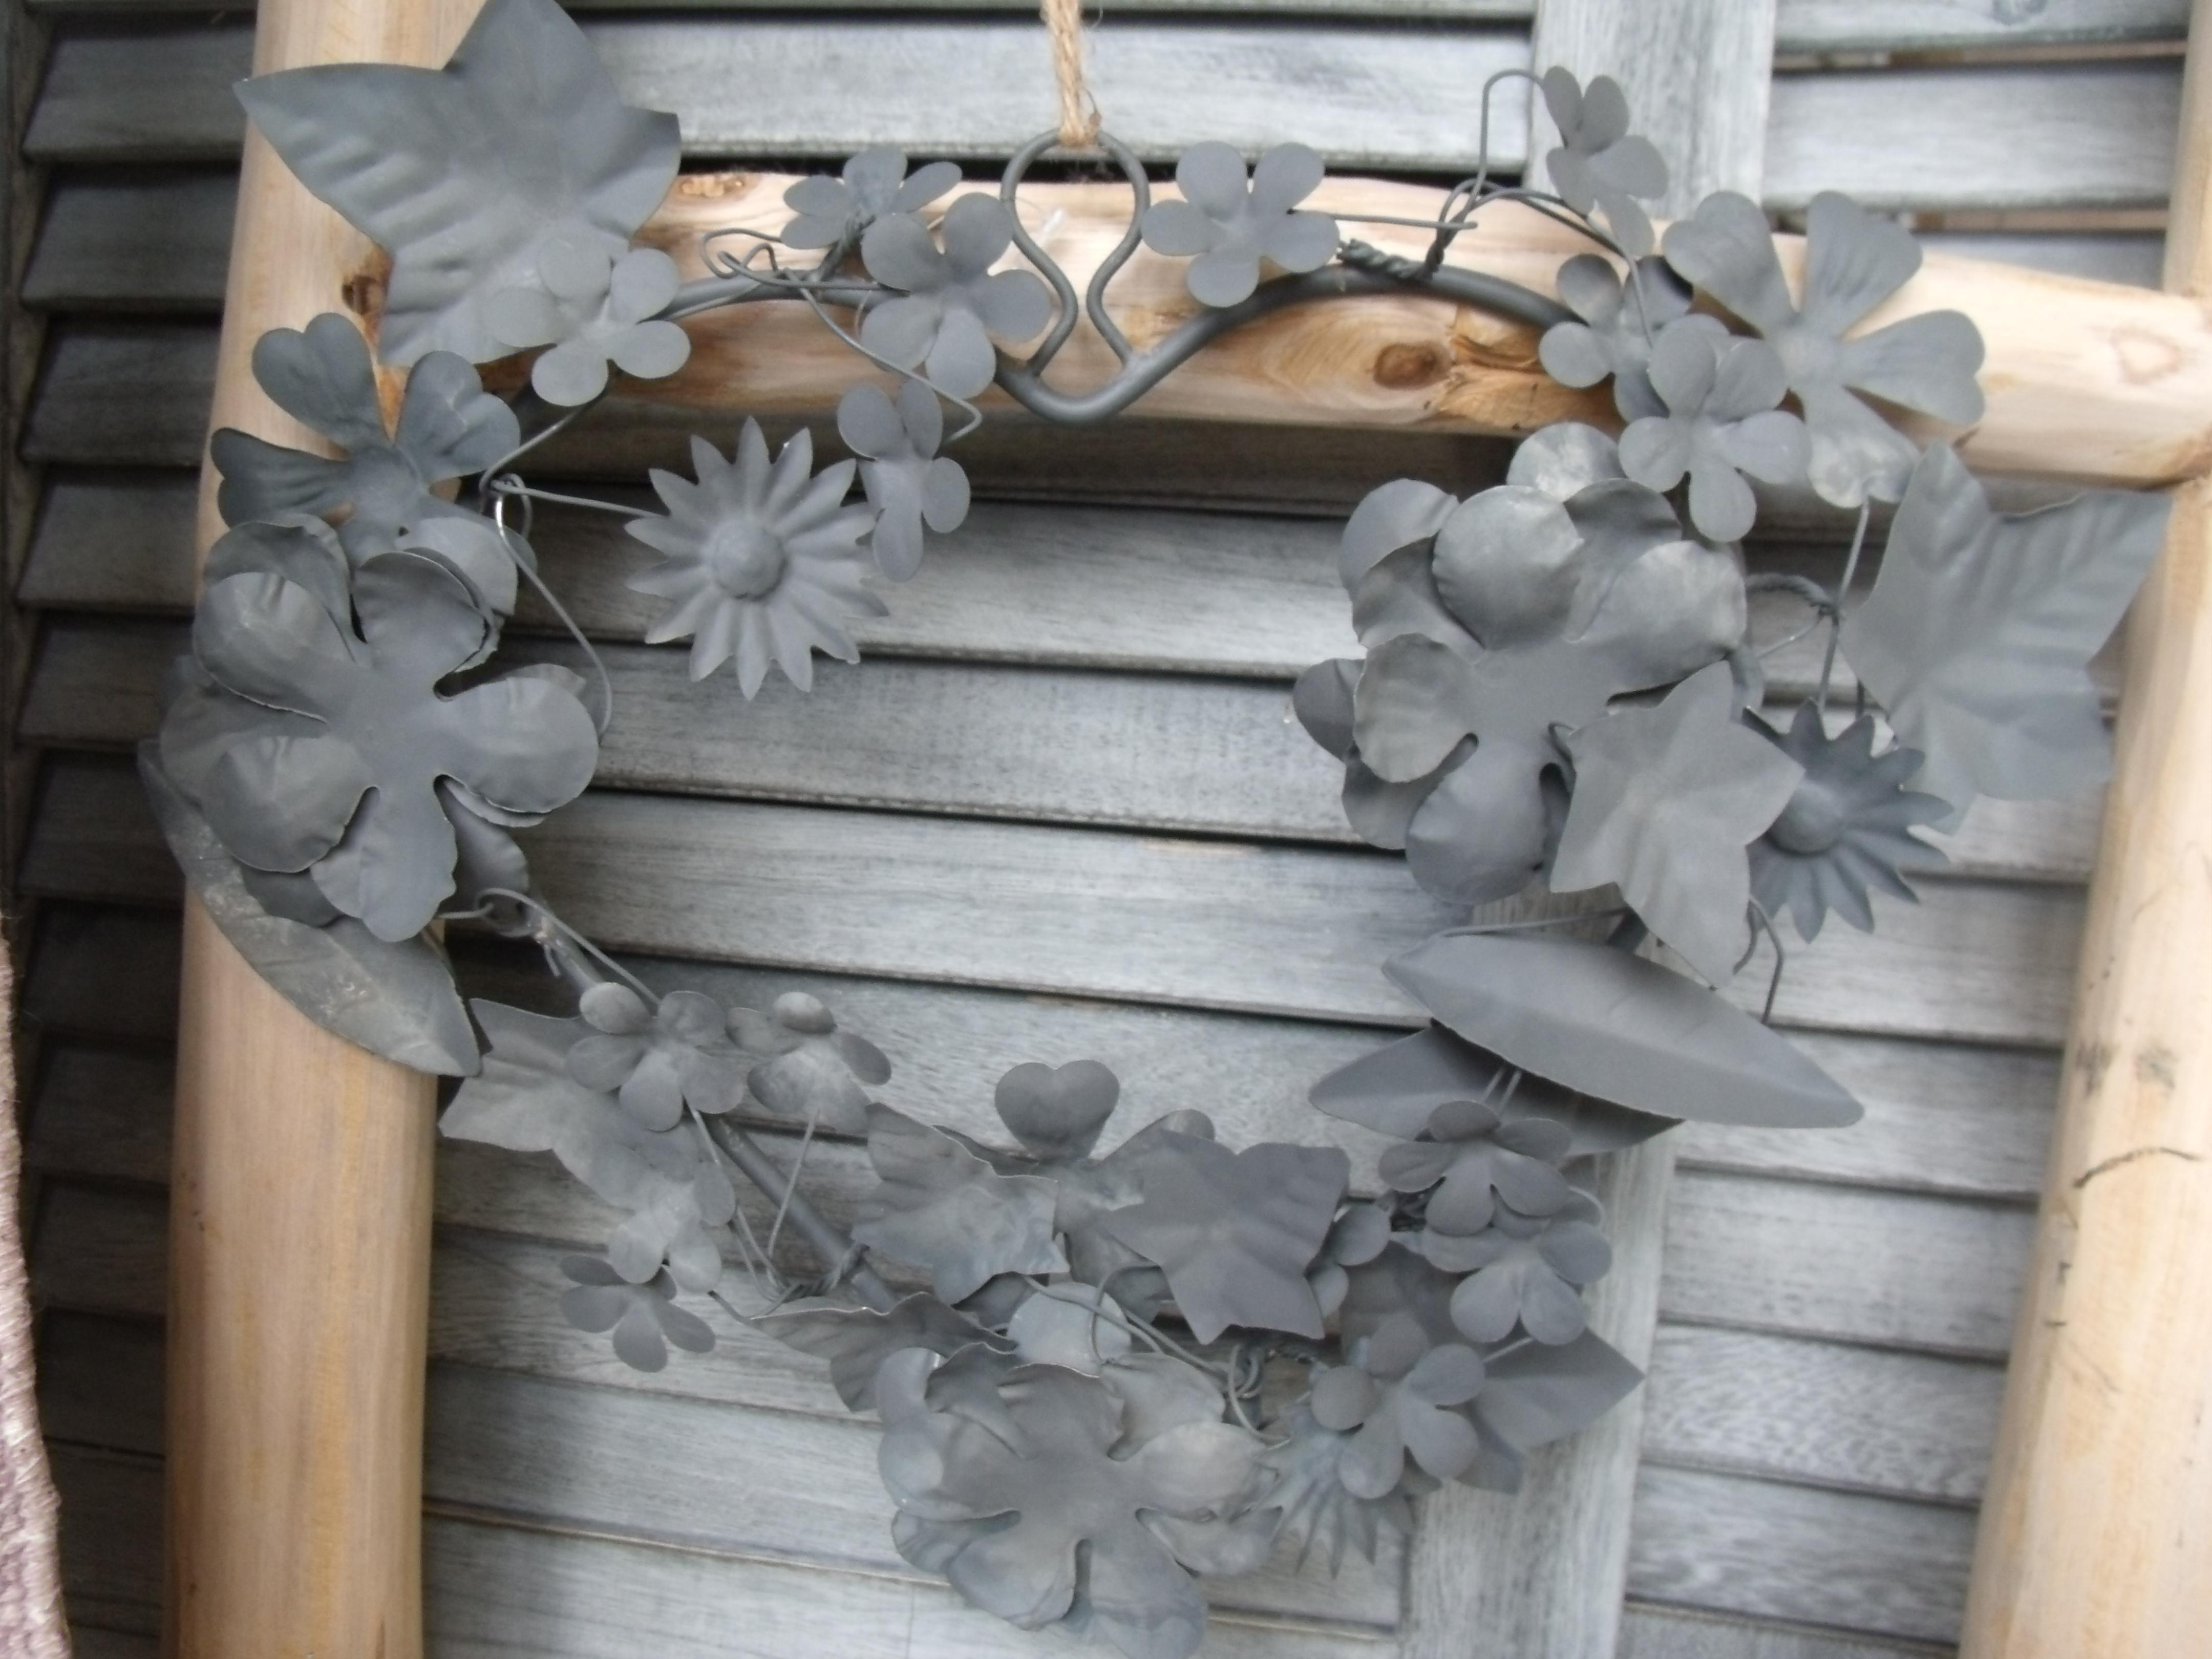 Romantischer Rosen Blüten Kranz Weiß antik Metall Deko Shabby Vintage D.21 cm